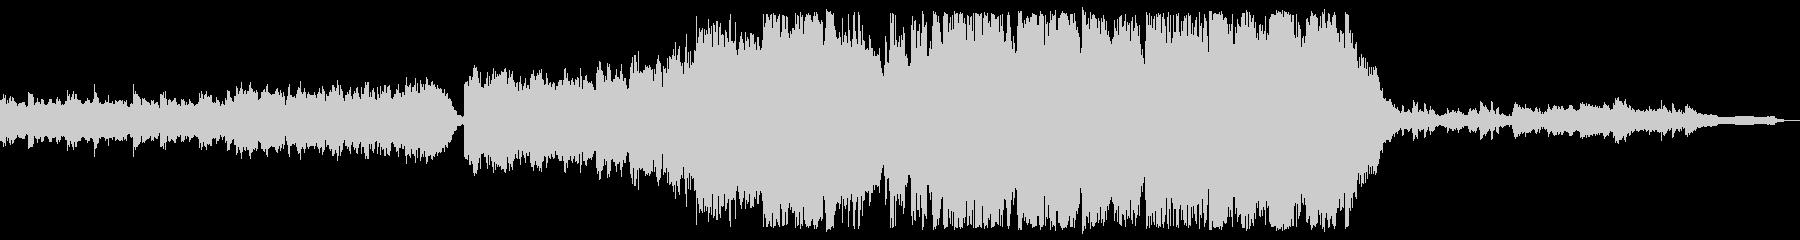 フィナーレ用の壮大なオーケストラの未再生の波形